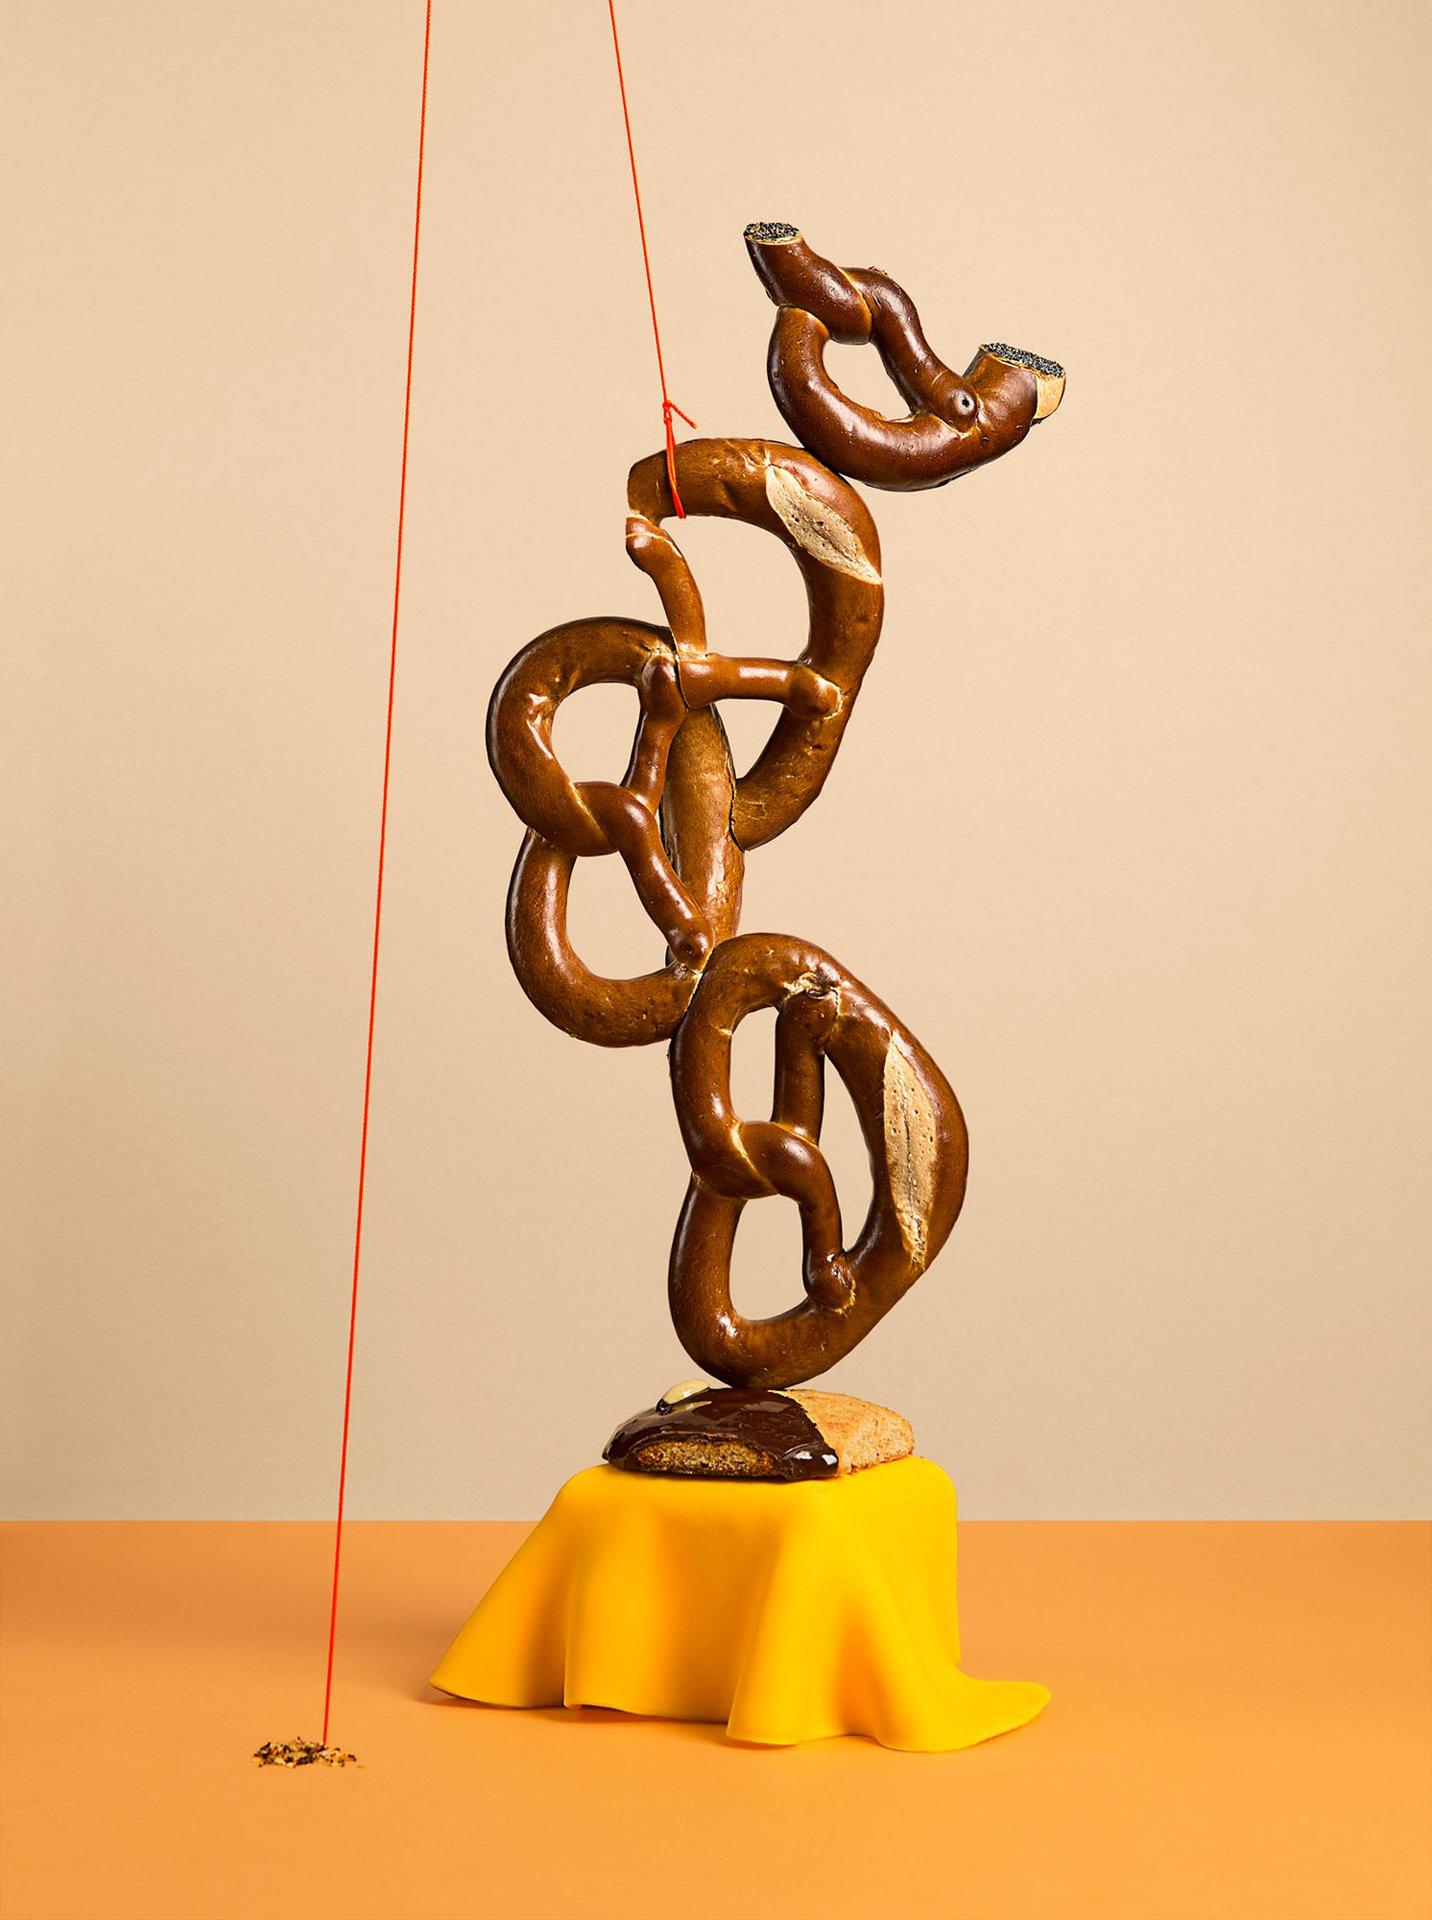 fotografia di scultura con pane